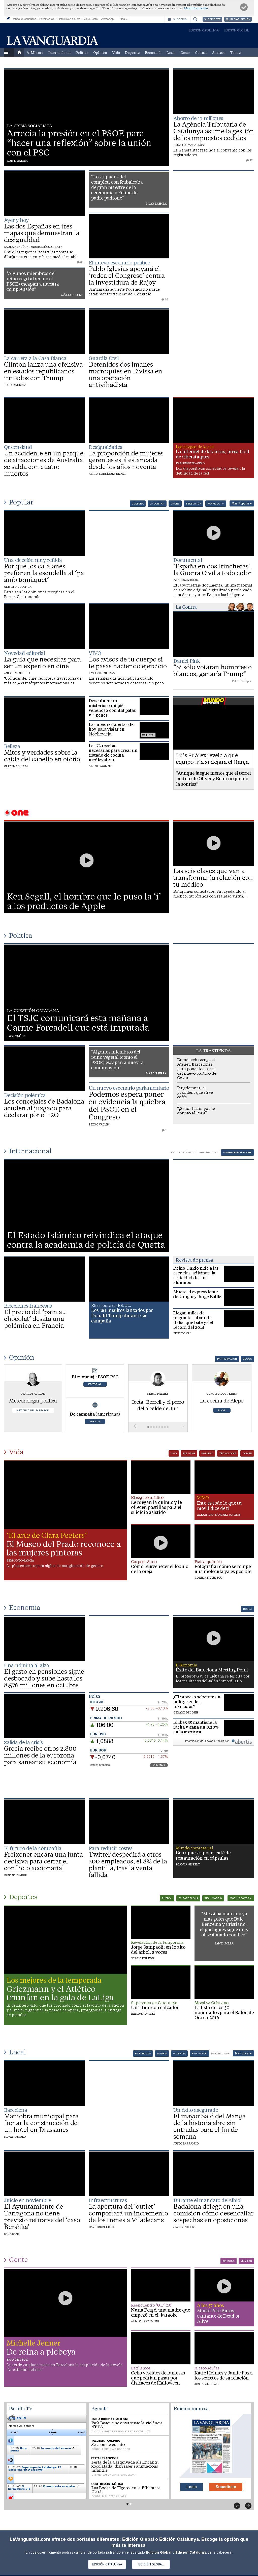 La Vanguardia at Tuesday Oct. 25, 2016, 9:22 a.m. UTC